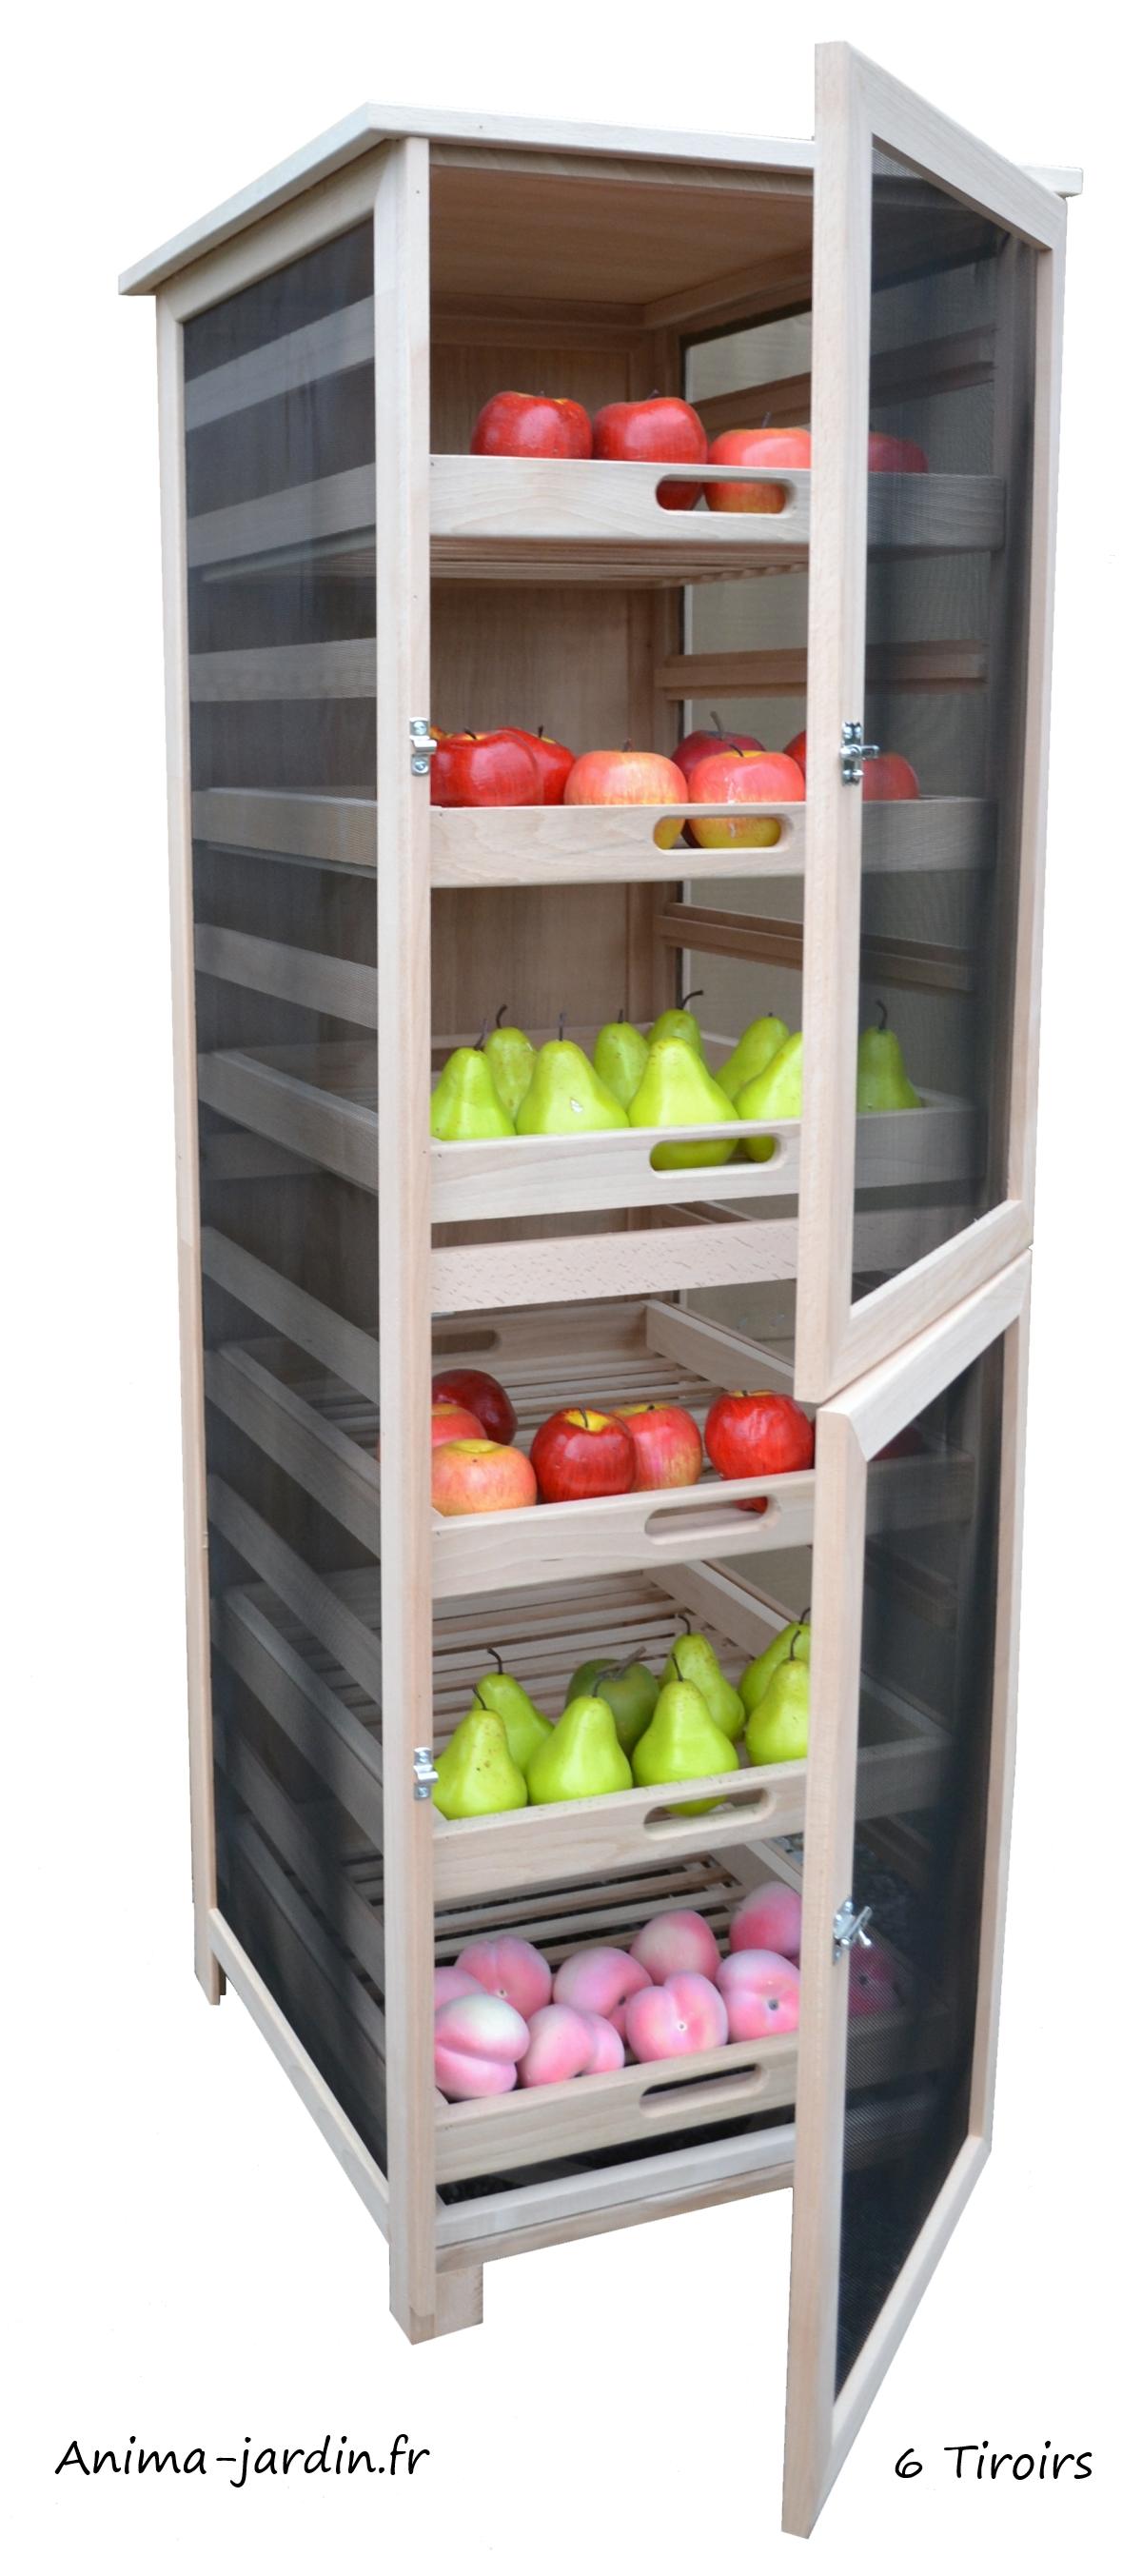 Conservateur-de fruits-et légumes-6-tiroirsanima-jardin.fr